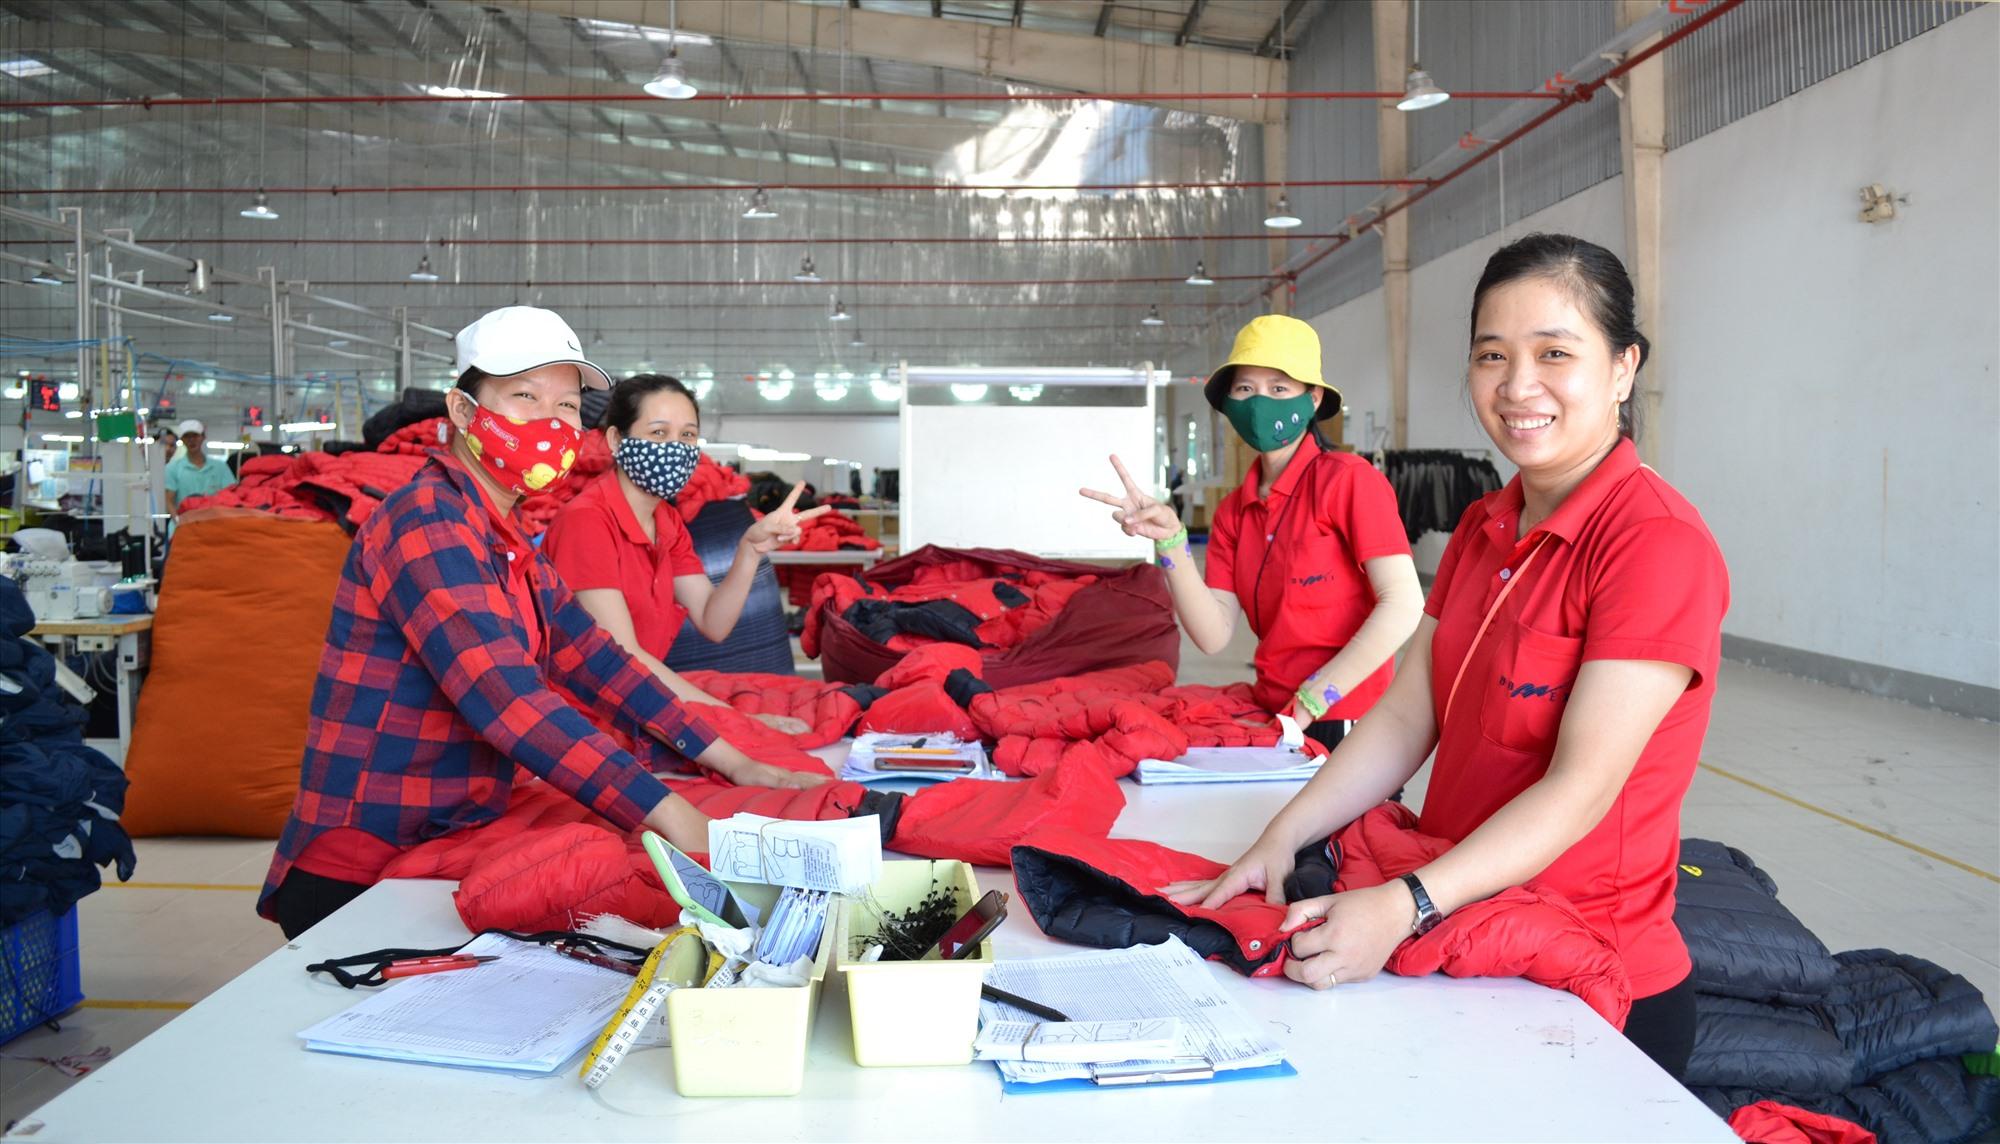 Kinh tế Thăng Bình đang chuyển dịch theo hướng tăng tỷ trọng ngành công nghiệp. Ảnh: QUANG VIỆT